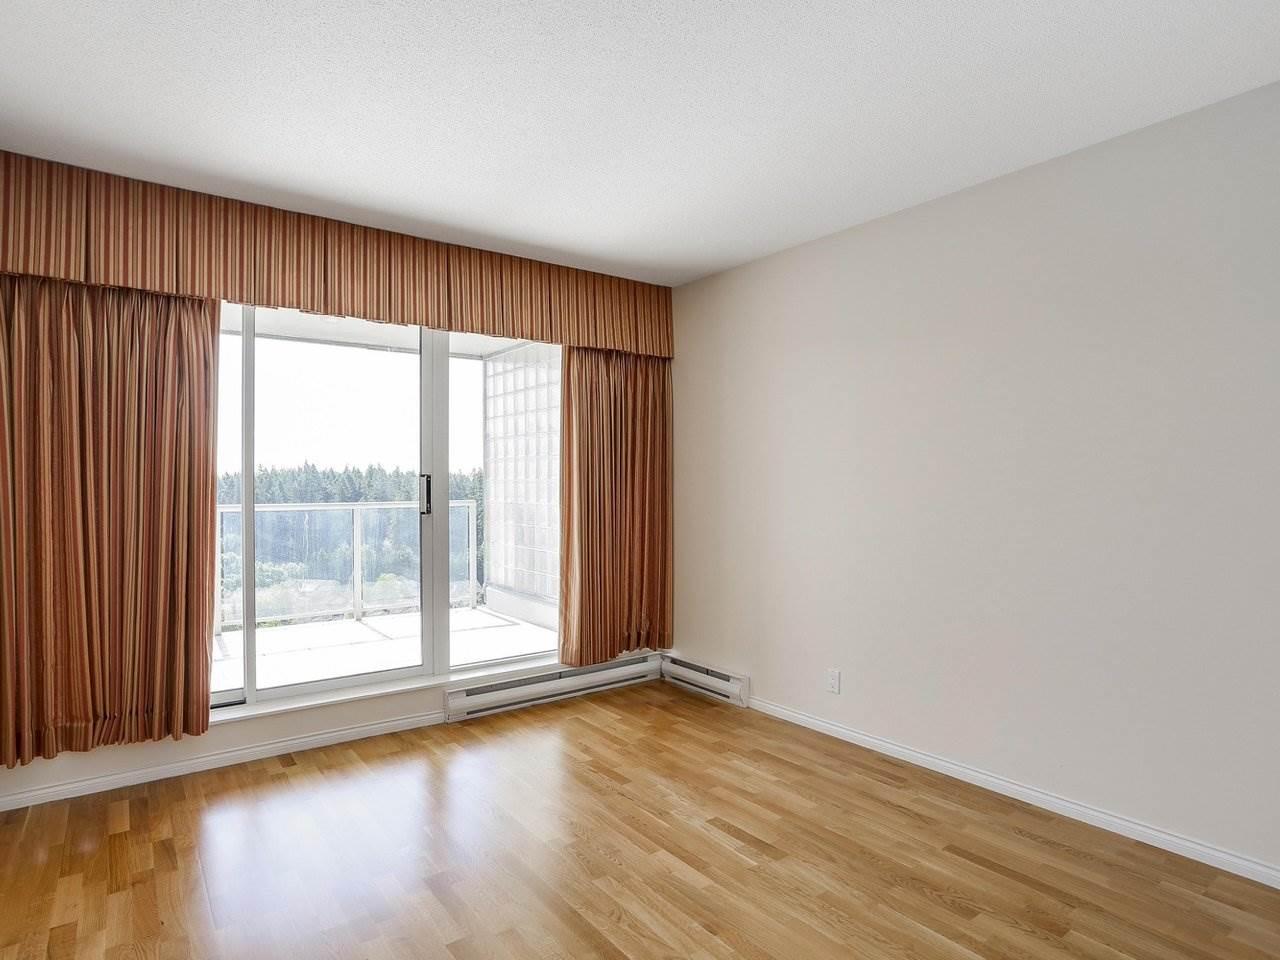 Condo Apartment at 1704 5775 HAMPTON PLACE, Unit 1704, Vancouver West, British Columbia. Image 12